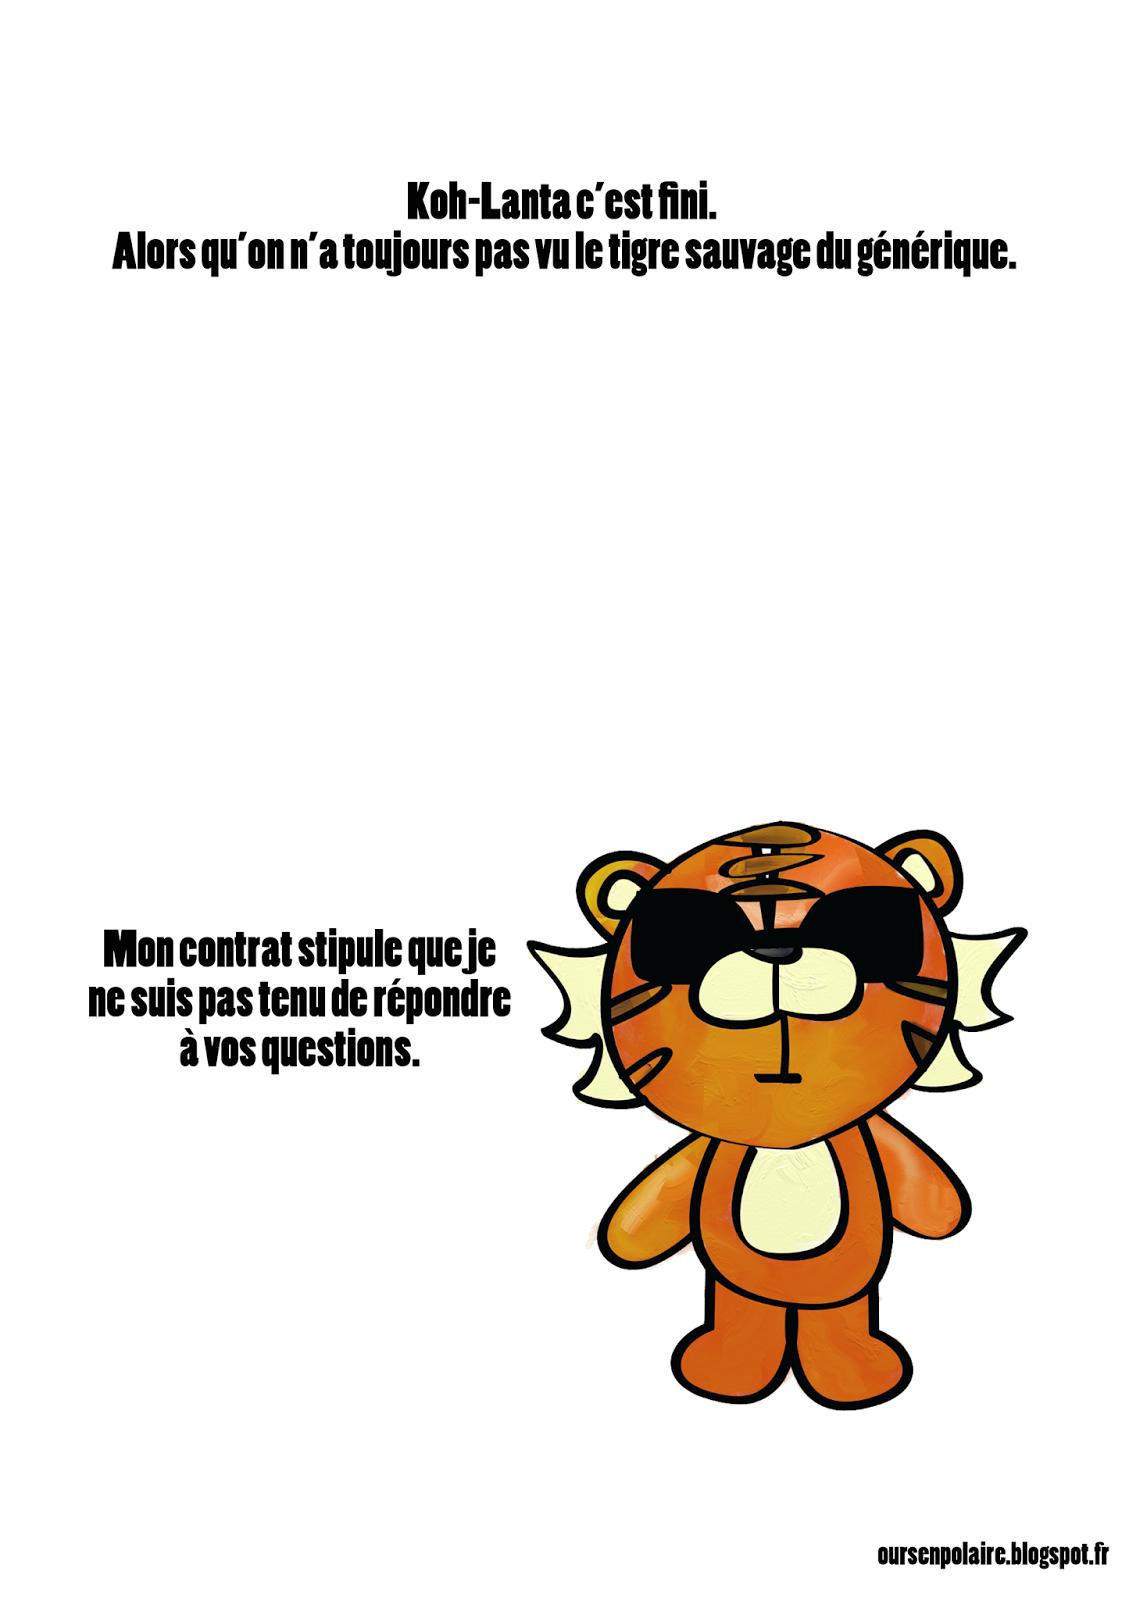 Koh Lanta c'est fini alors qu'on a toujours pas vu le tigre sauvage du générique